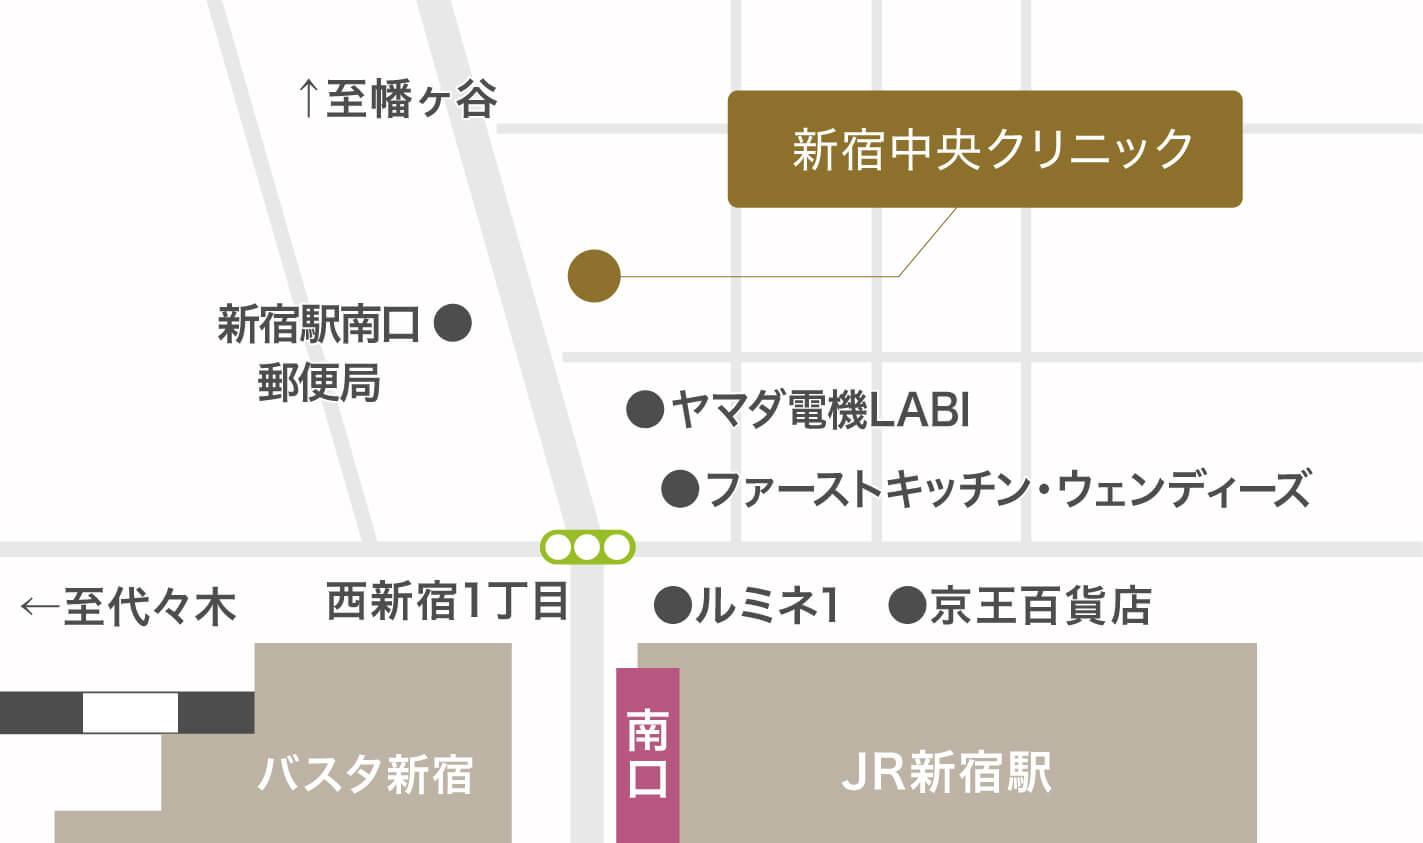 新宿中央クリニック アクセスマップ